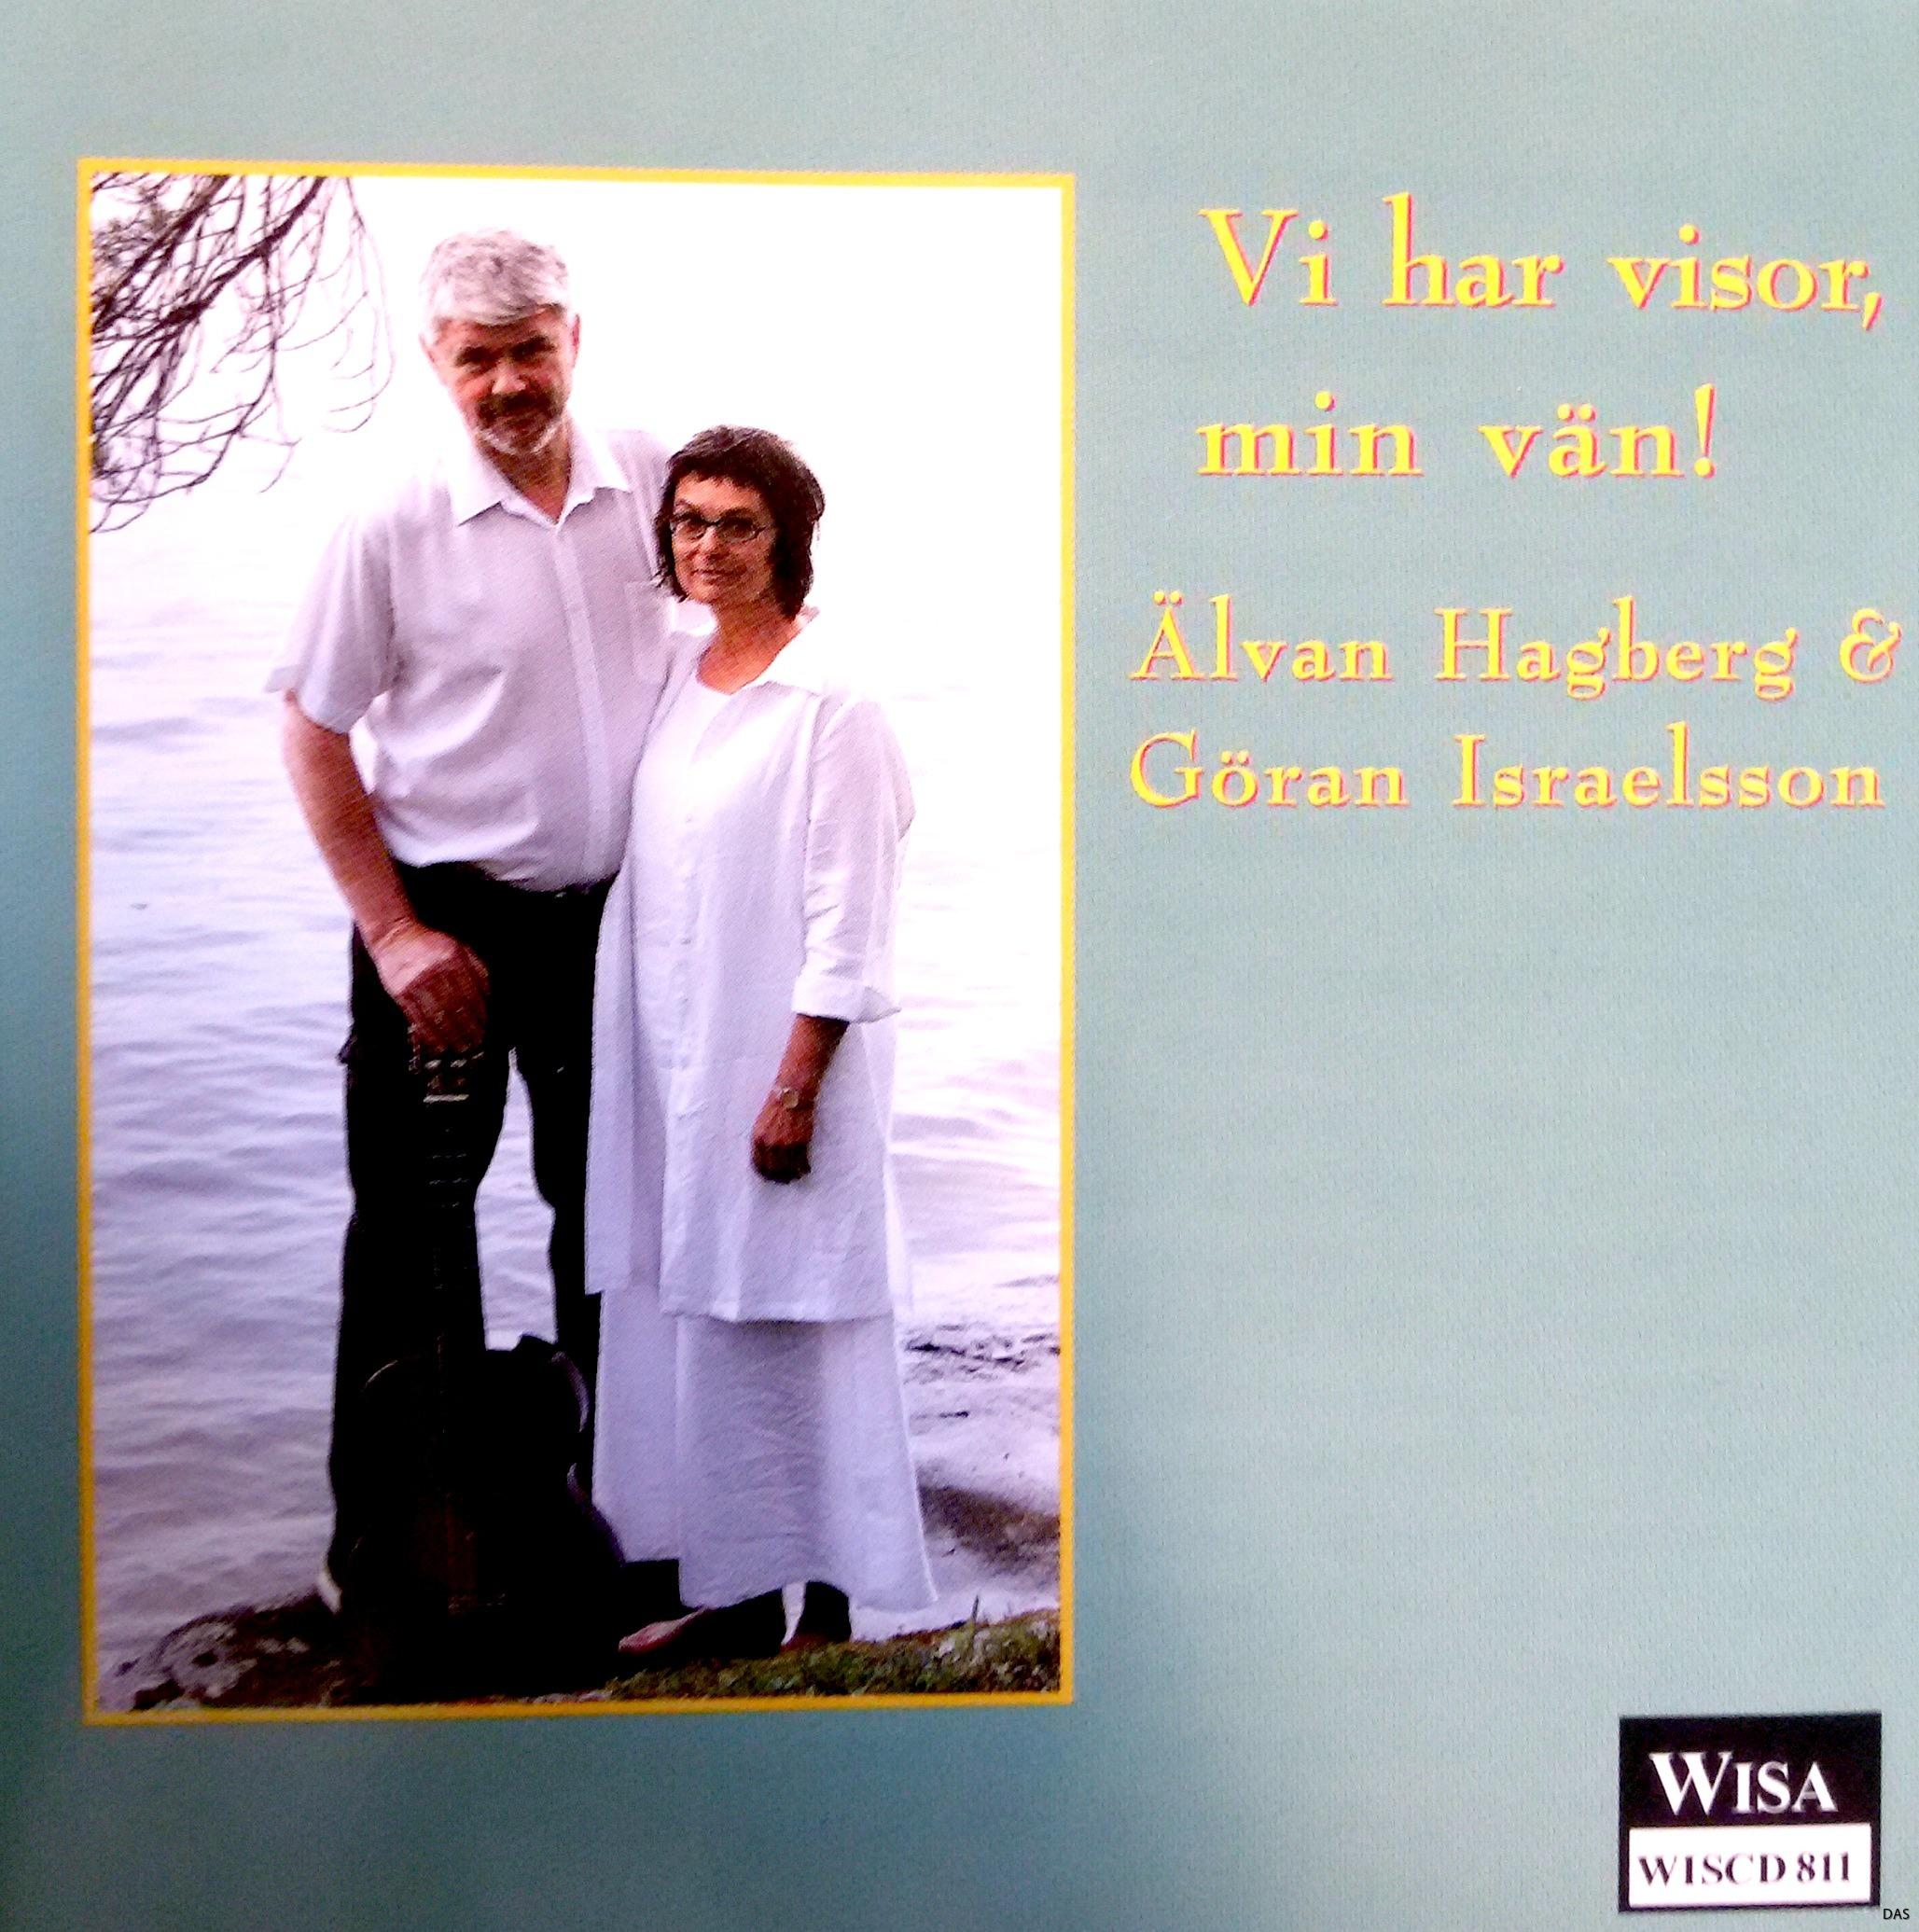 IÄlvan Hagberg och Göran Israelsson